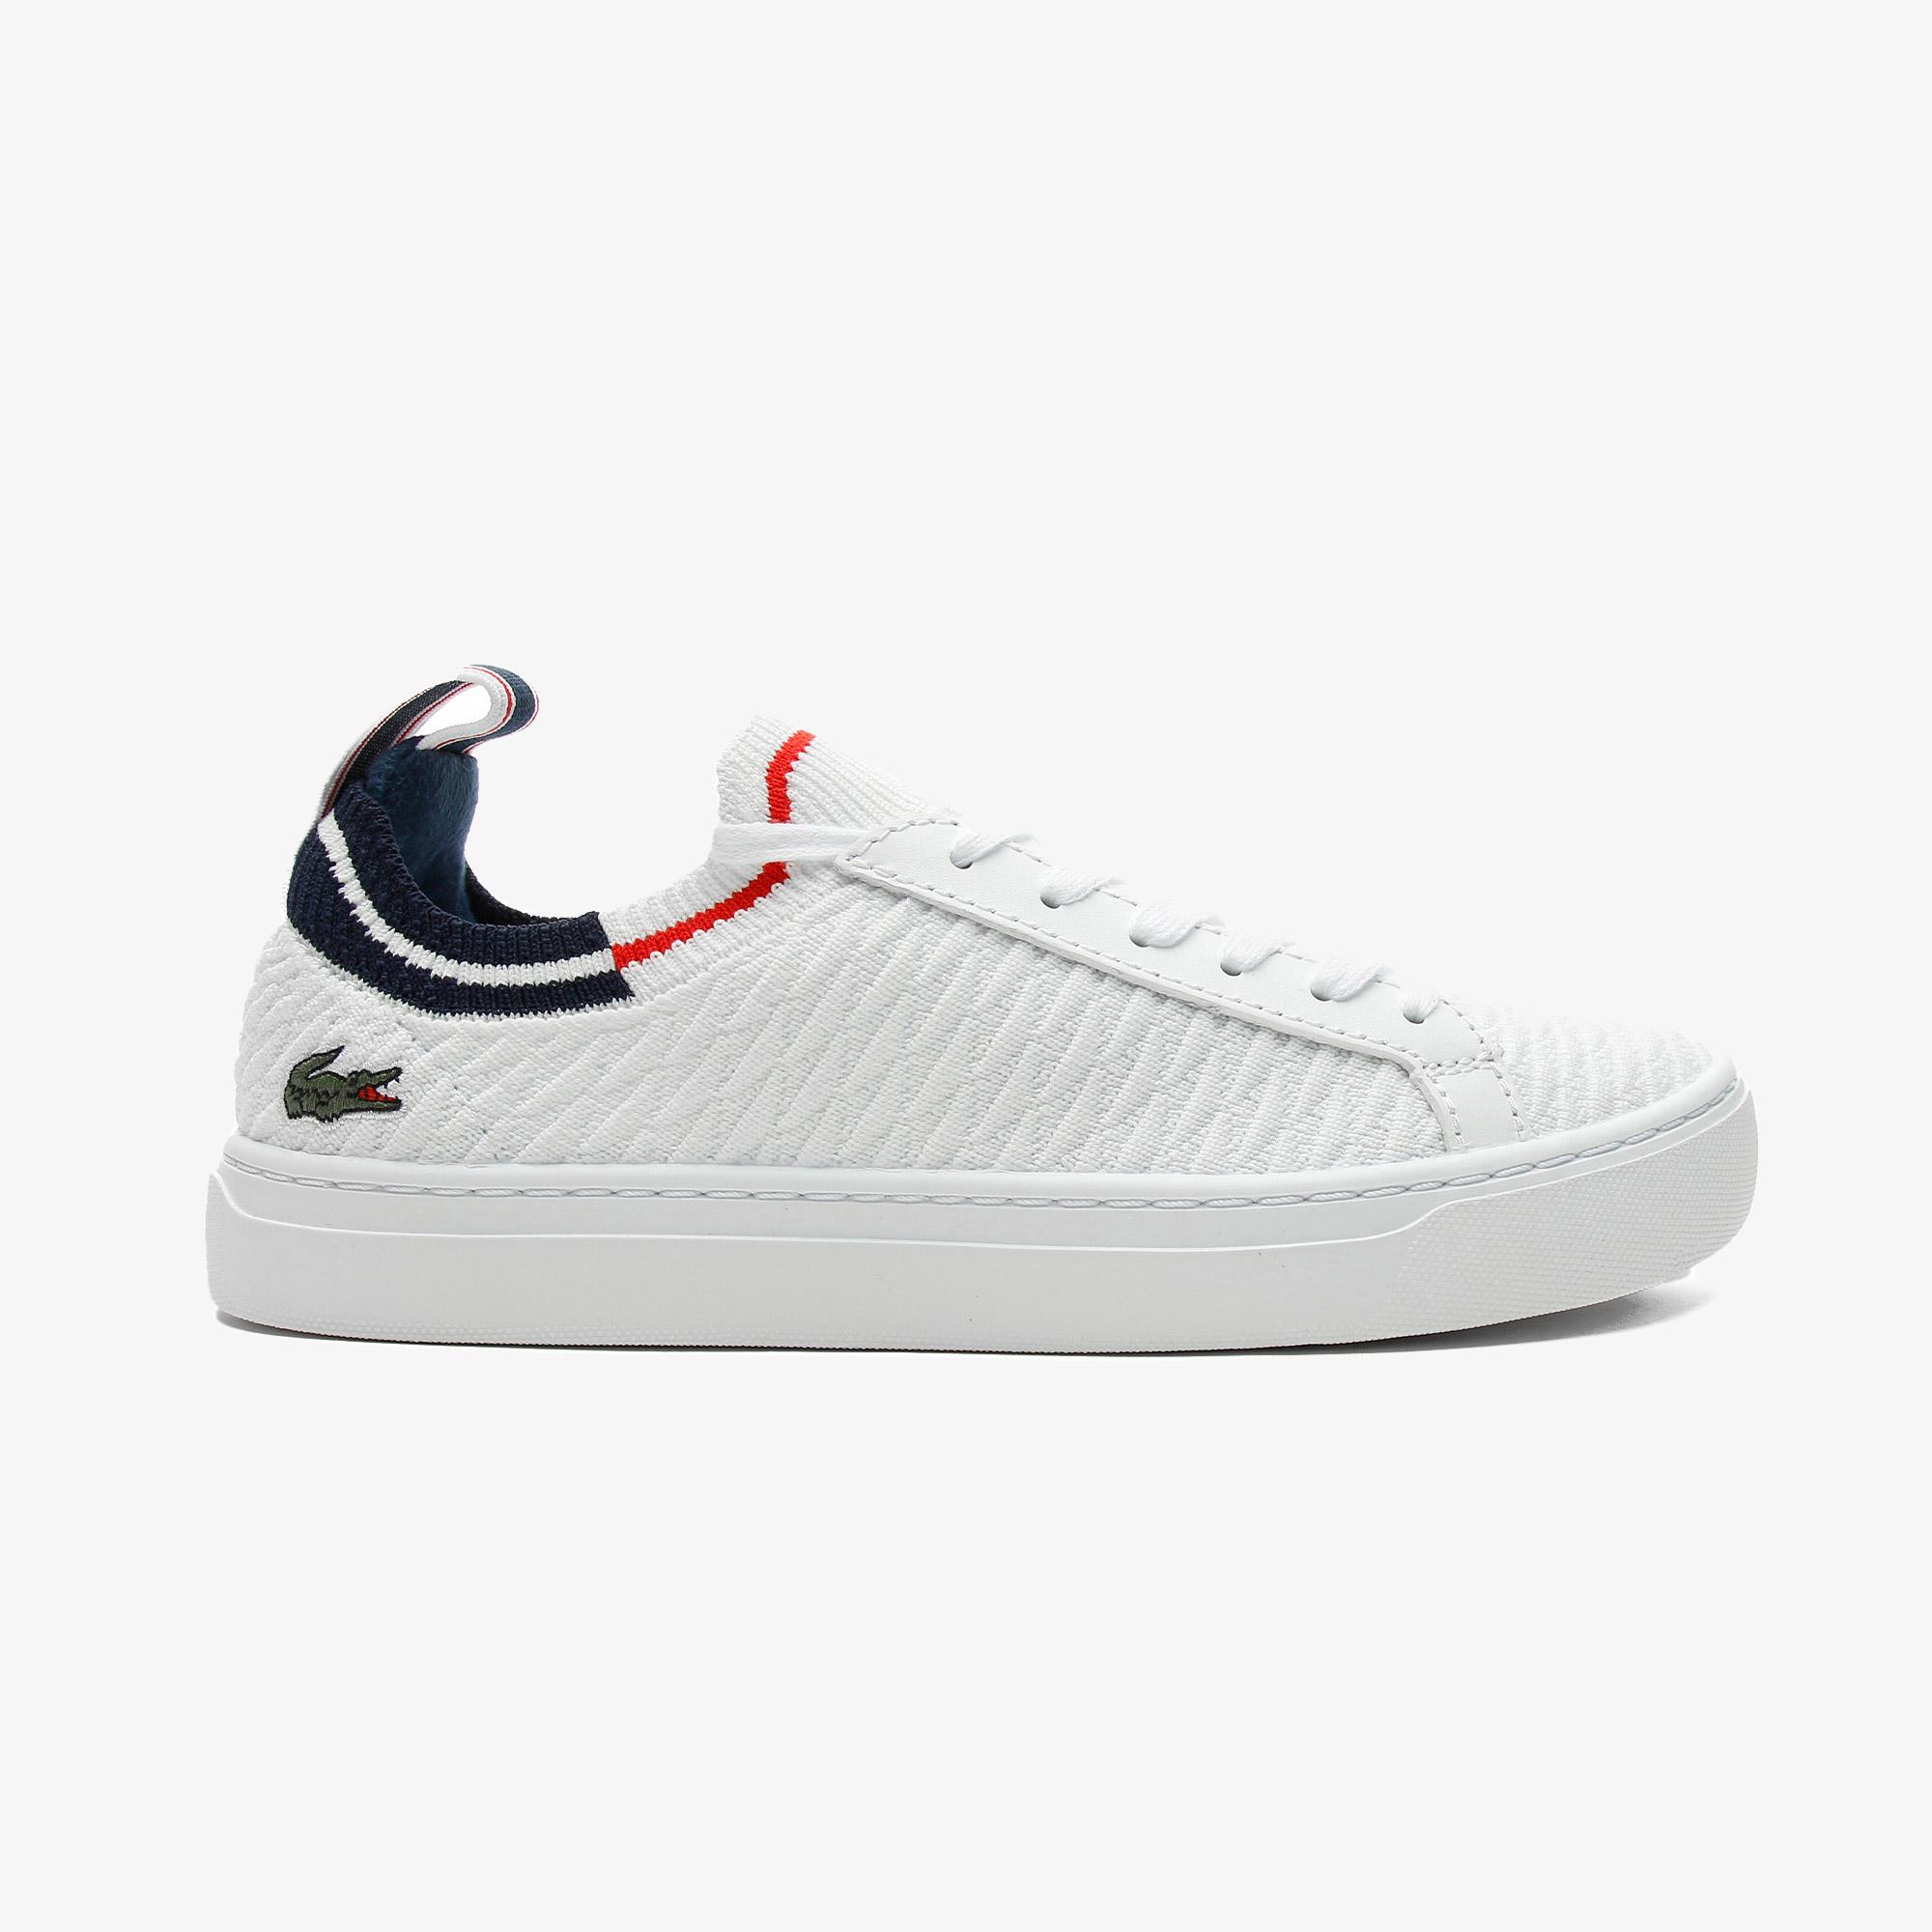 Lacoste La Piquee 0721 1 Cfa Kadın Beyaz - Lacivert - Kırmızı Spor Ayakkabı